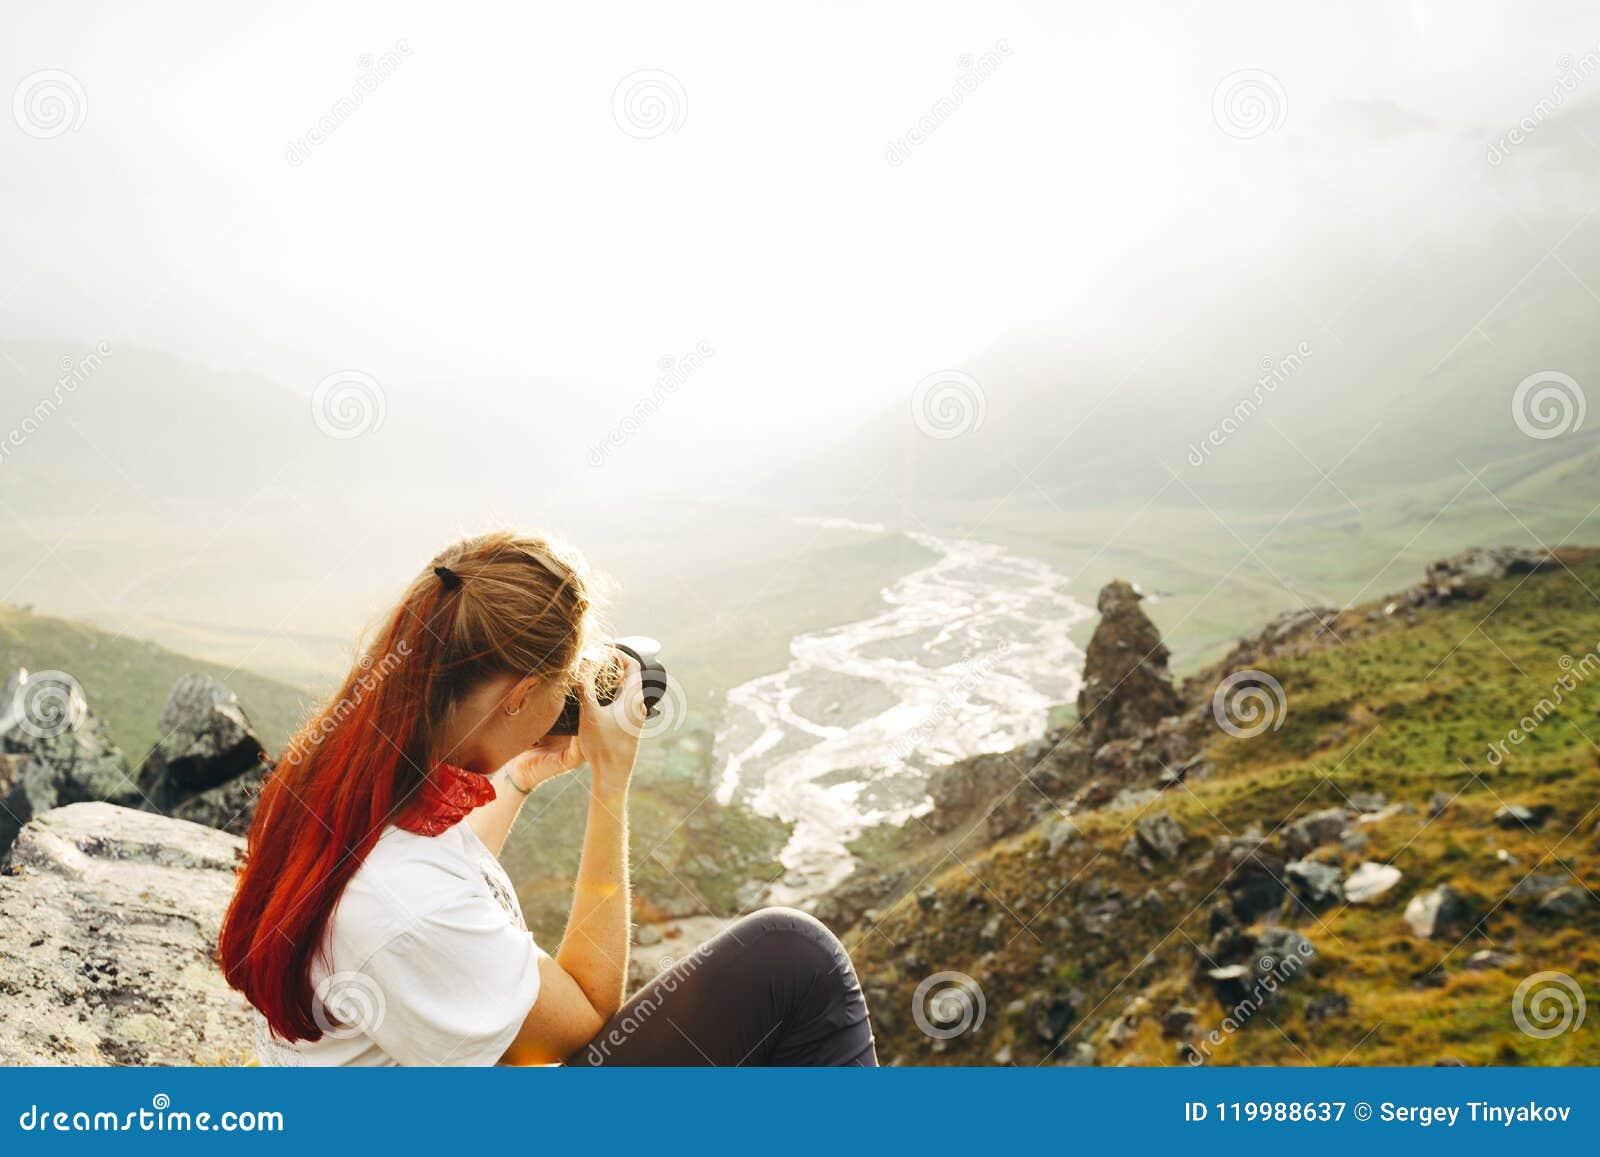 Un Viajero De La Chica Joven Toma Imágenes De Un Landsc De La ...